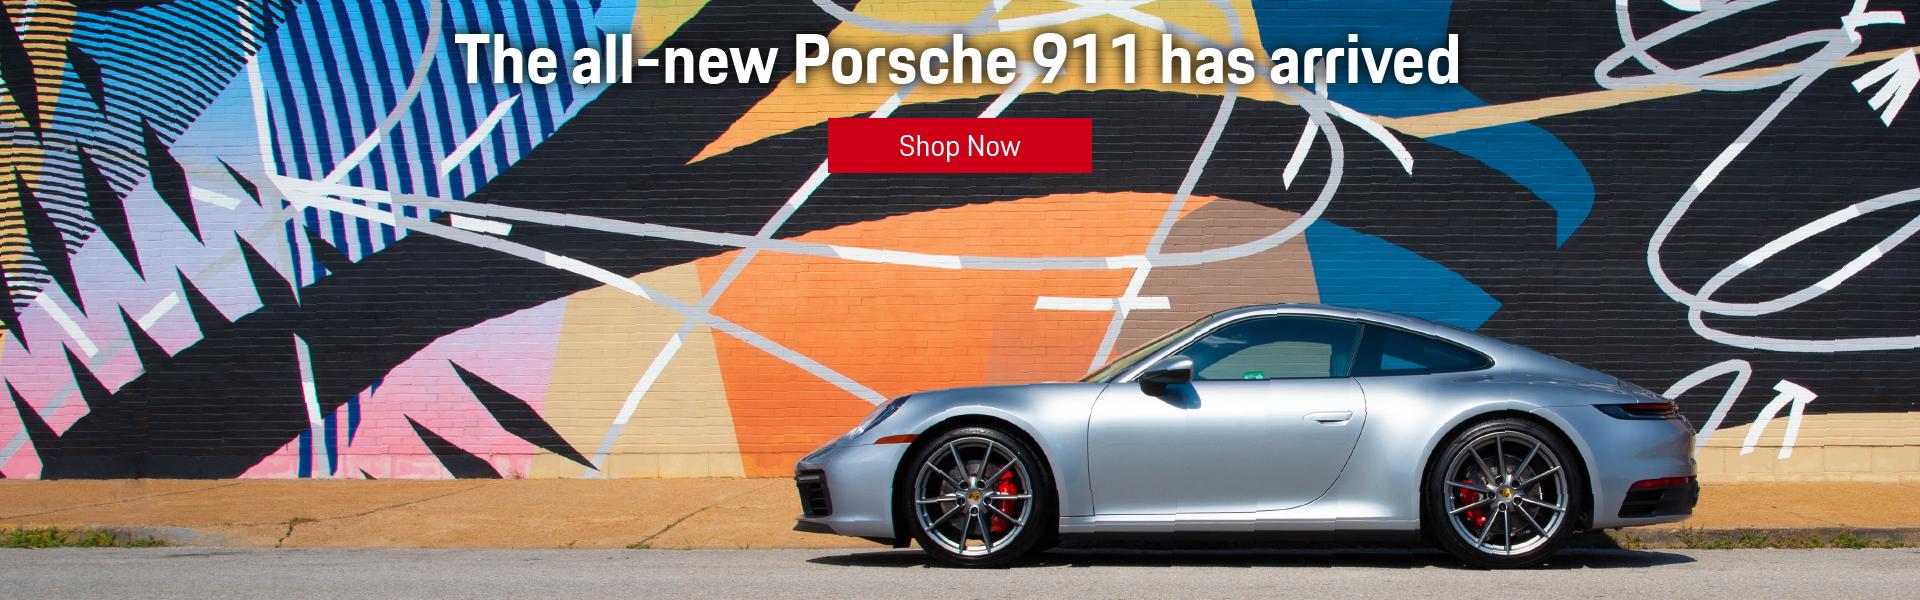 Cars For Sale St Louis >> Porsche Dealership Near Me Porsche St Louis